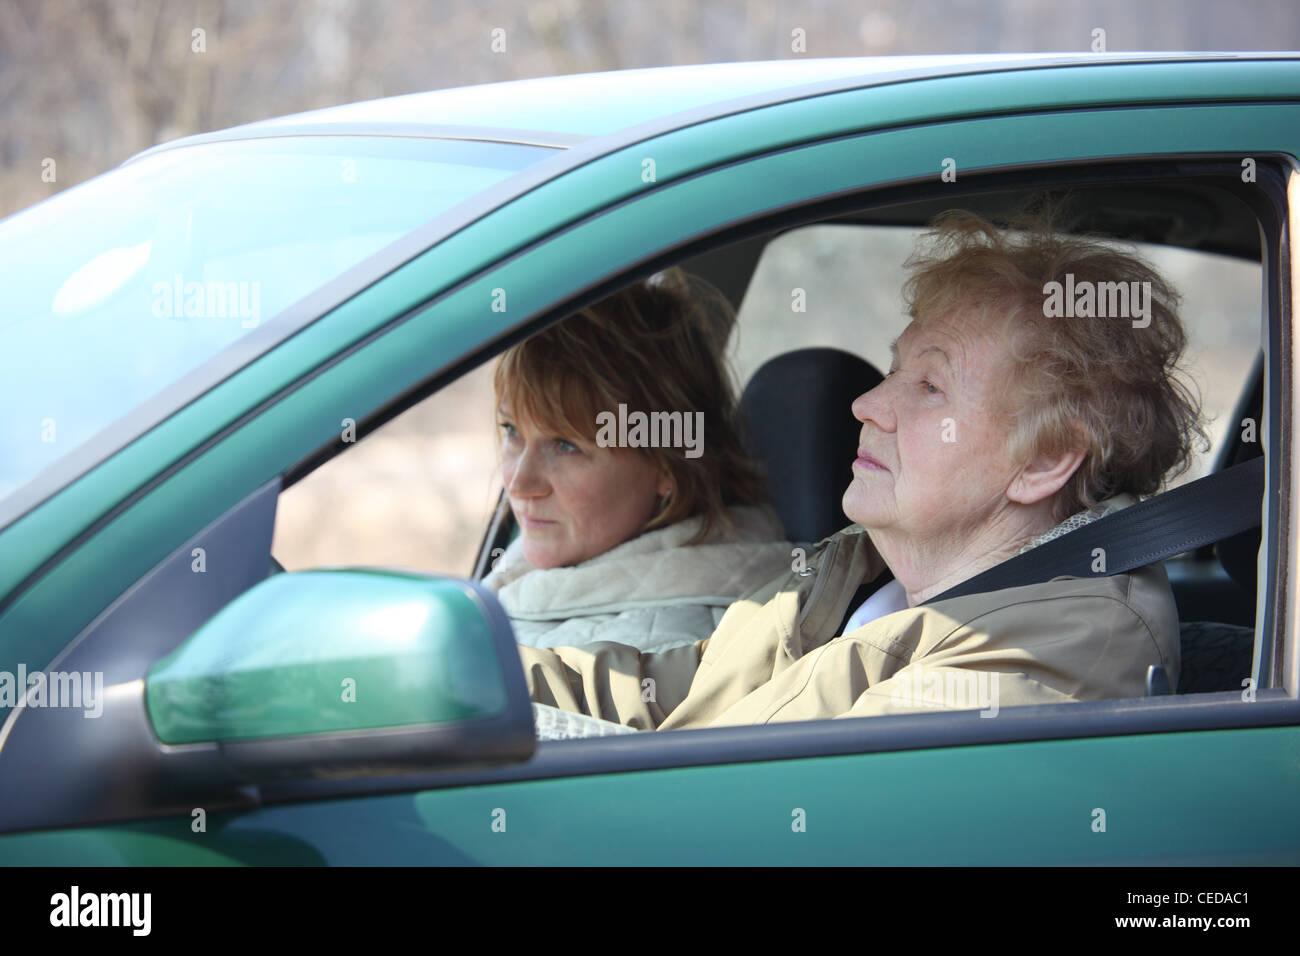 Zwei Frauen in Auto Stockbild